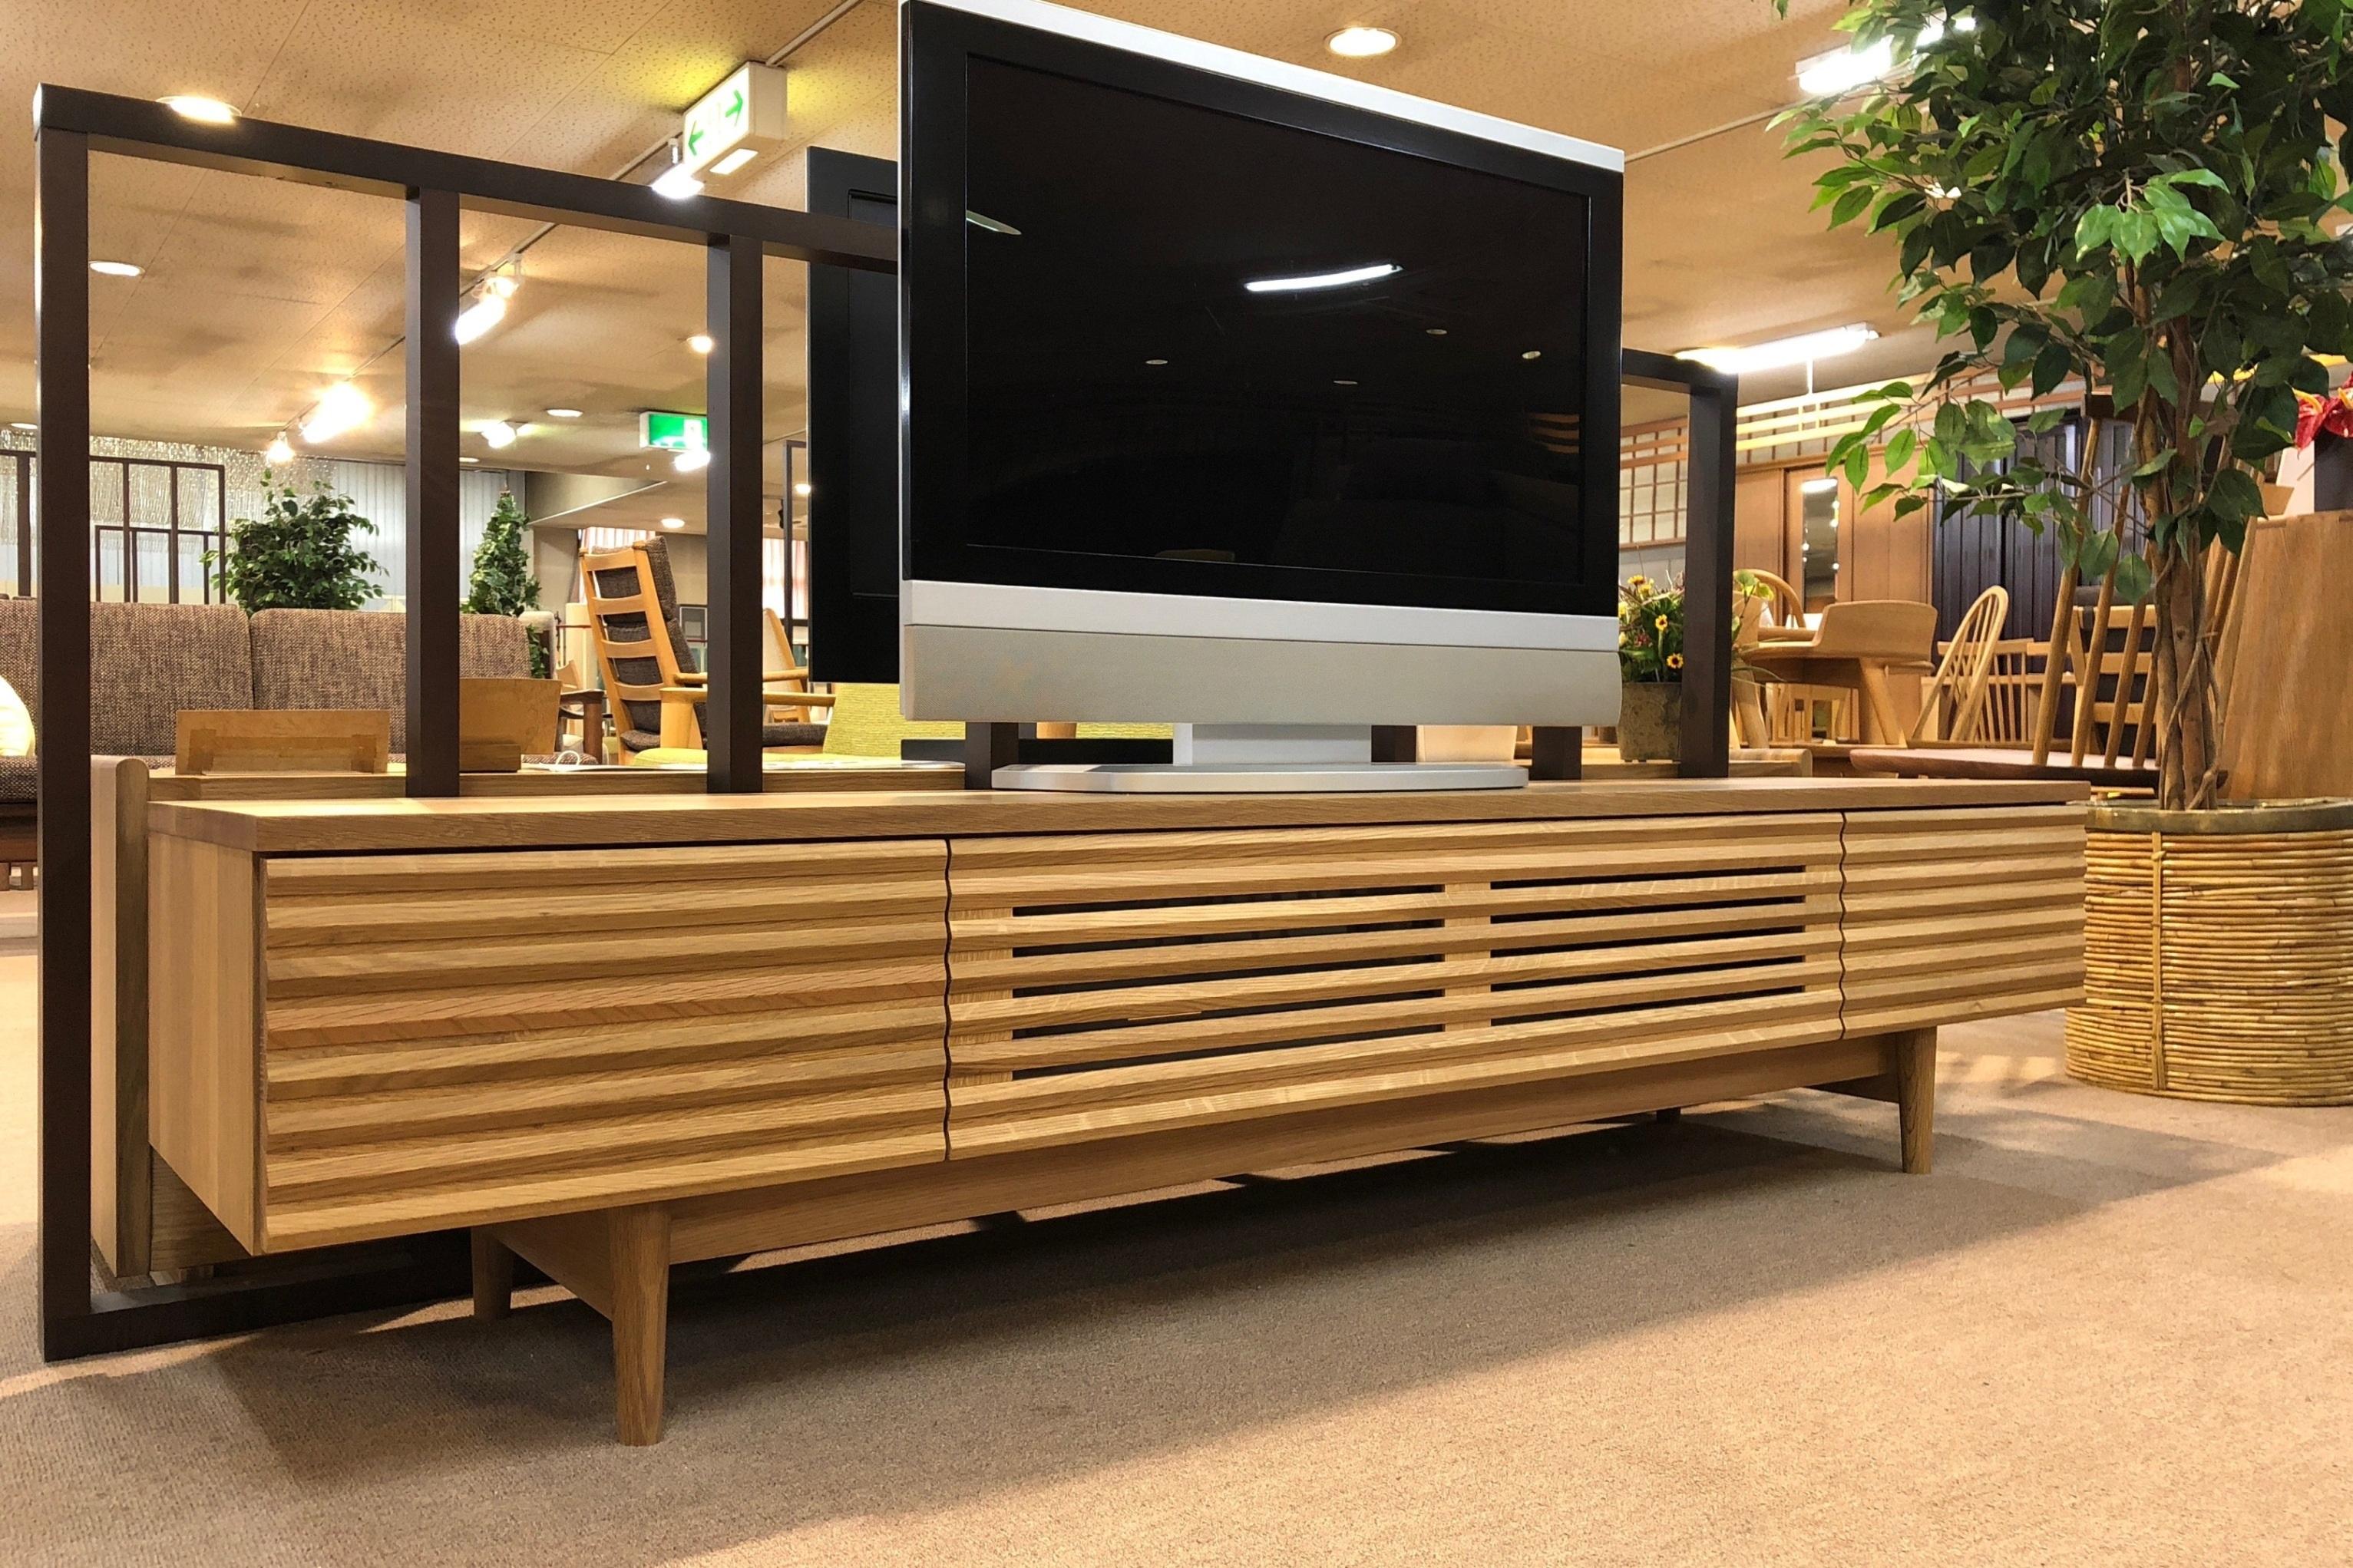 飛騨産業 TVボード AVキャビネット 無垢 木匠舘マイドゥ